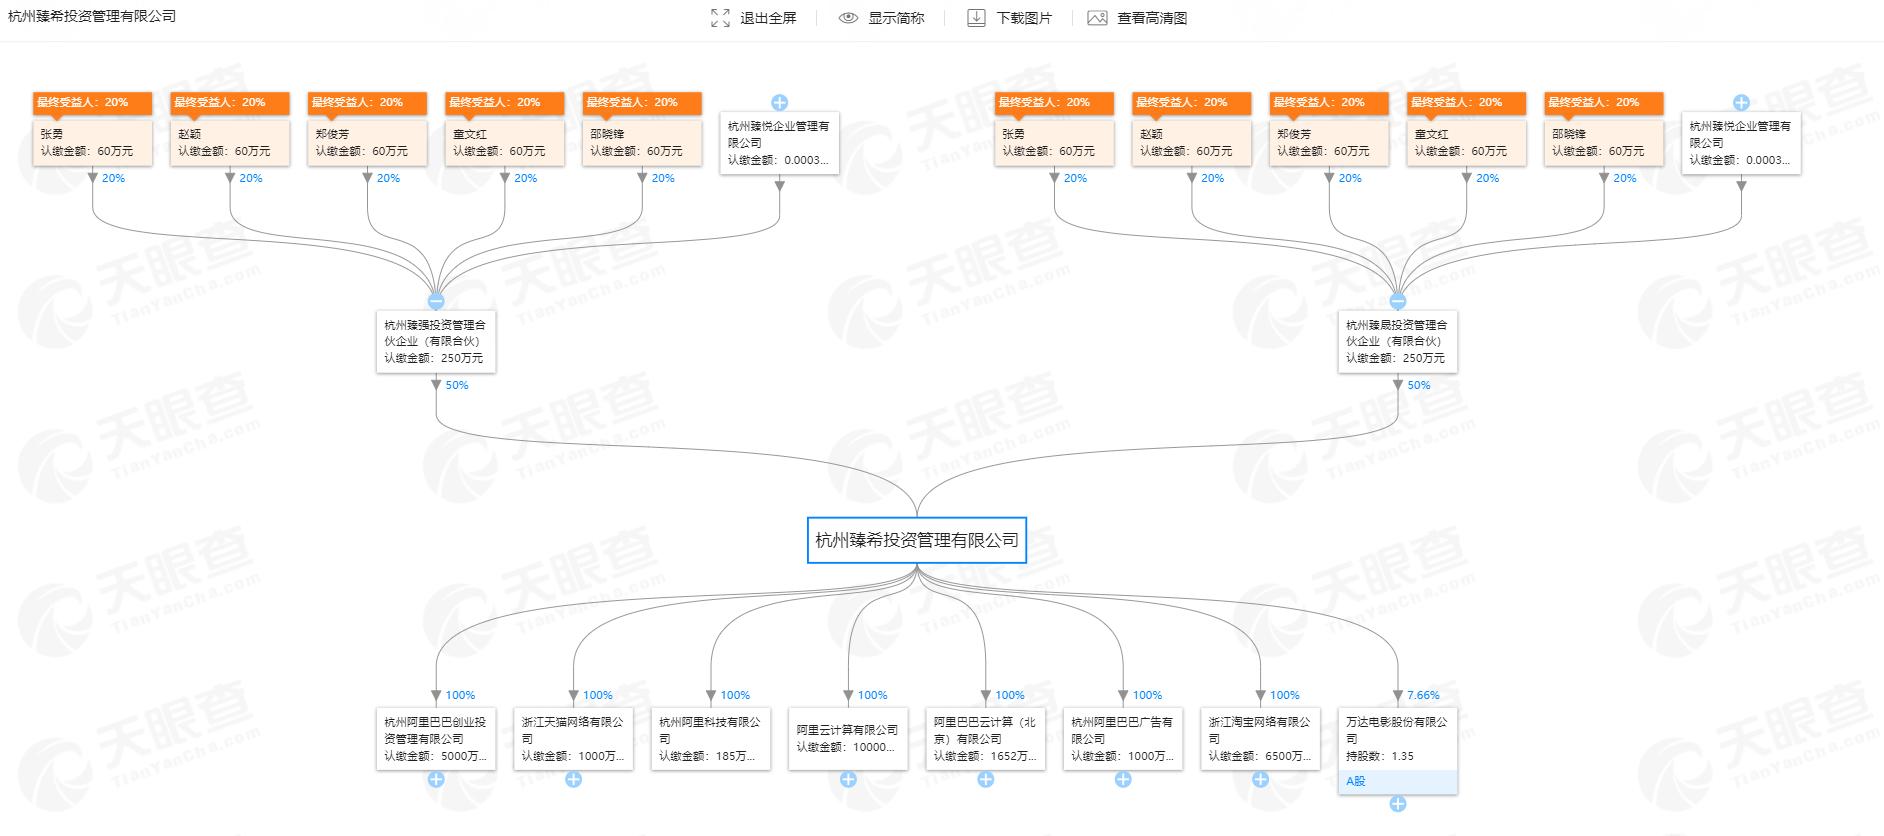 马云出清淘宝股权 阿里官方回应了(图4)